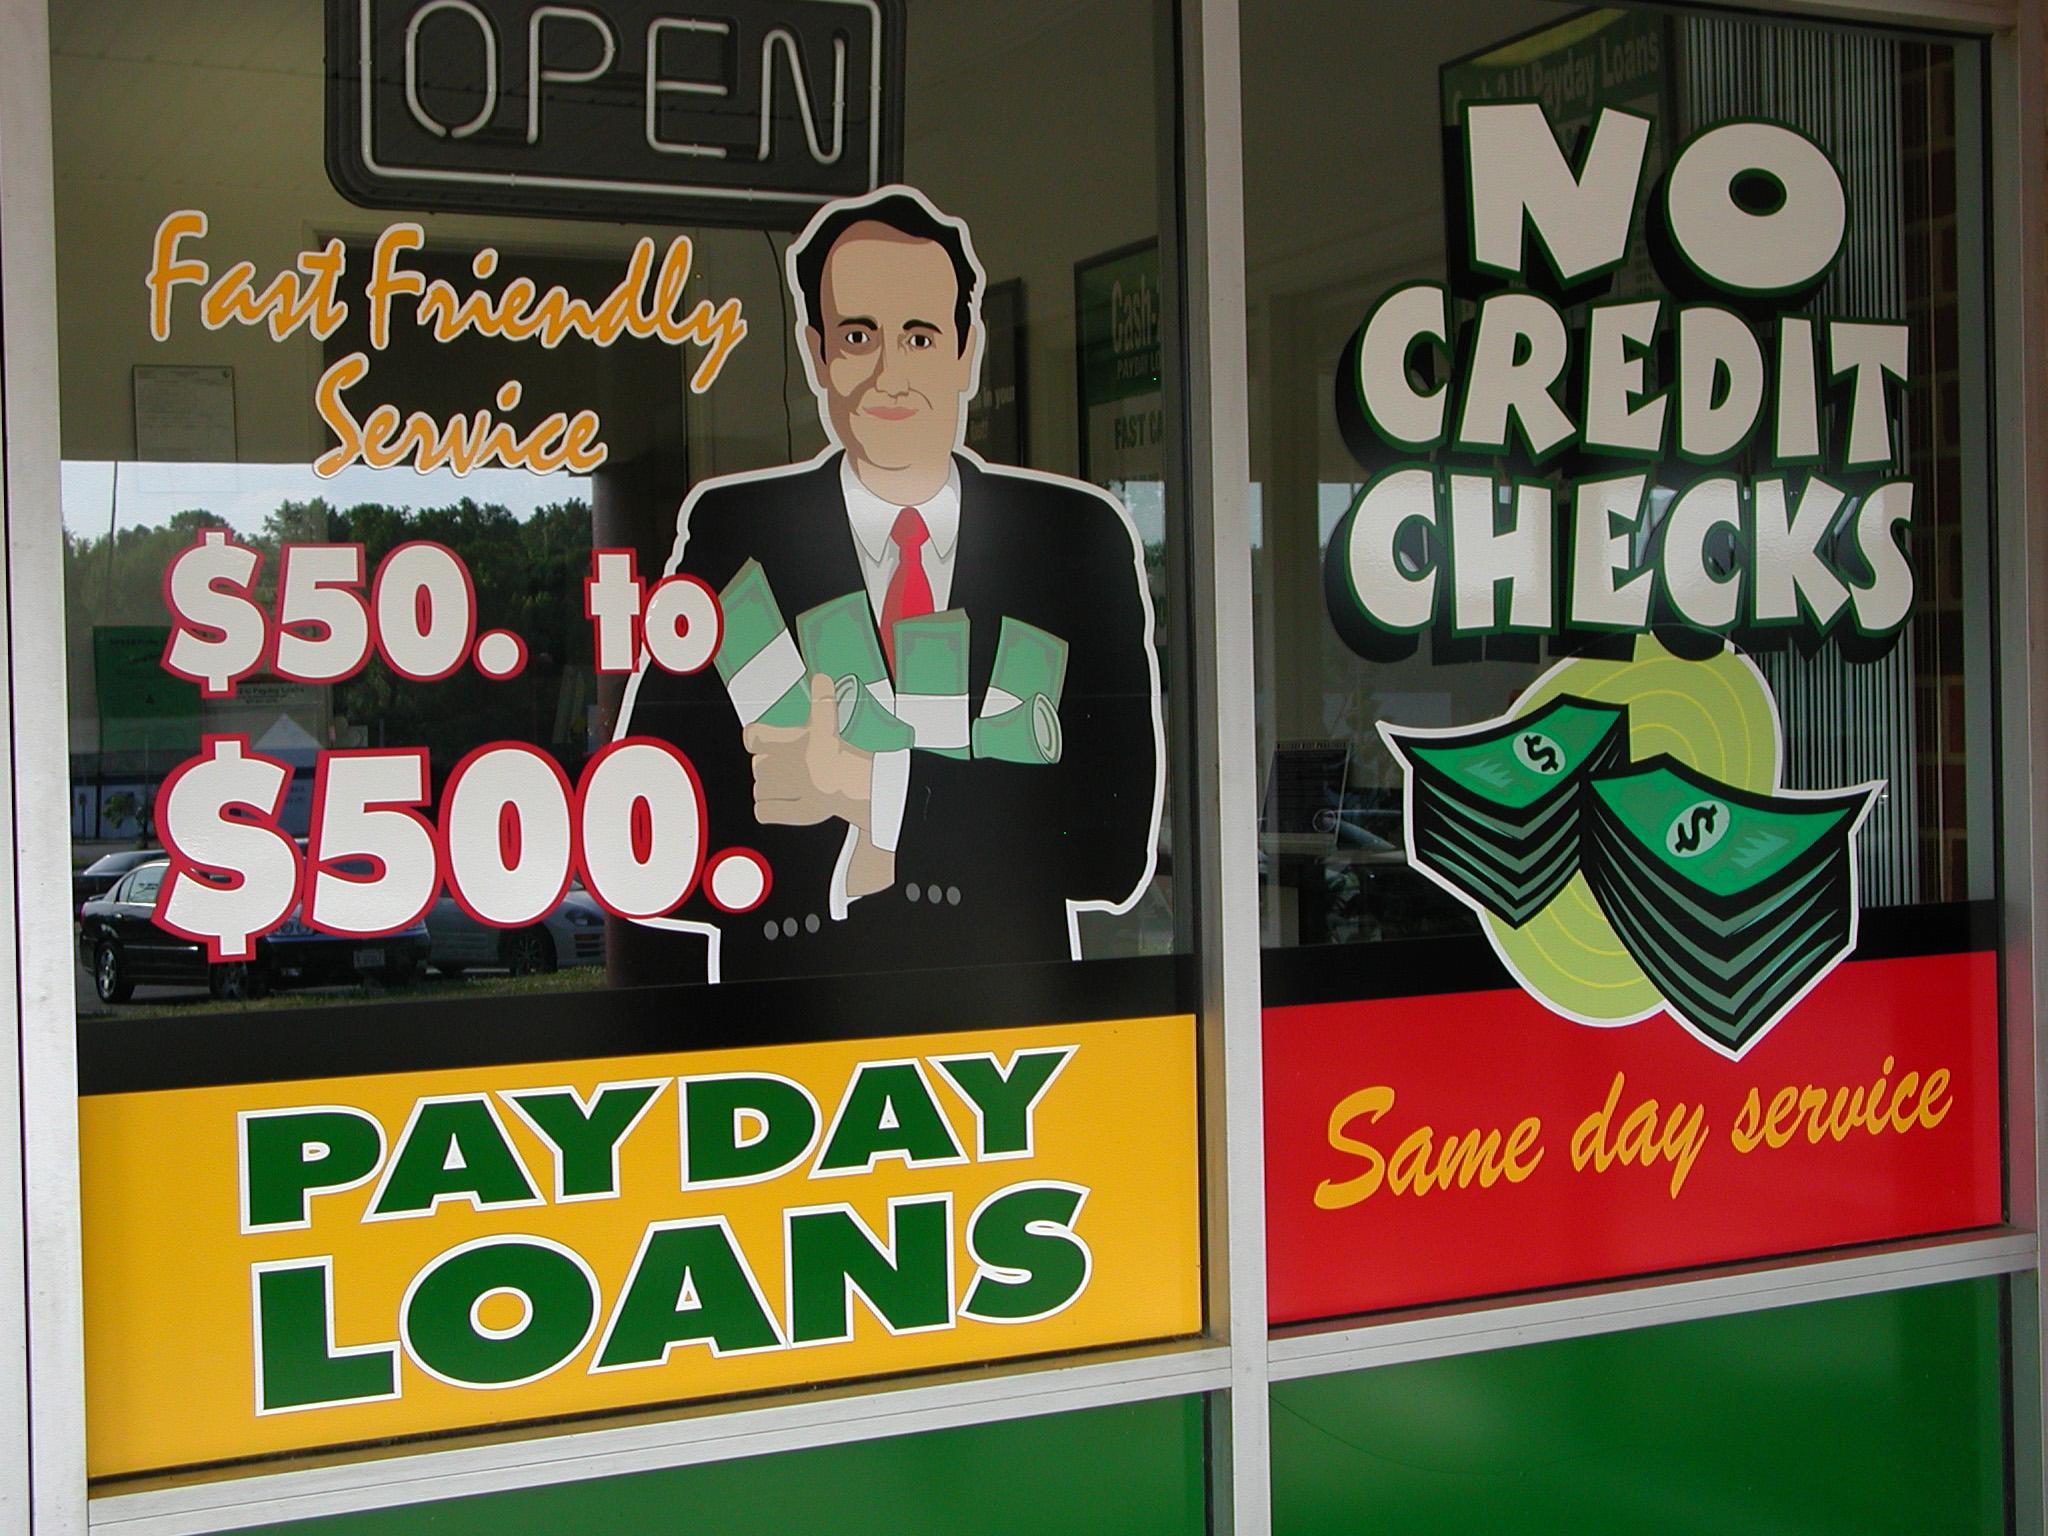 Quick cash loans better business bureau image 10